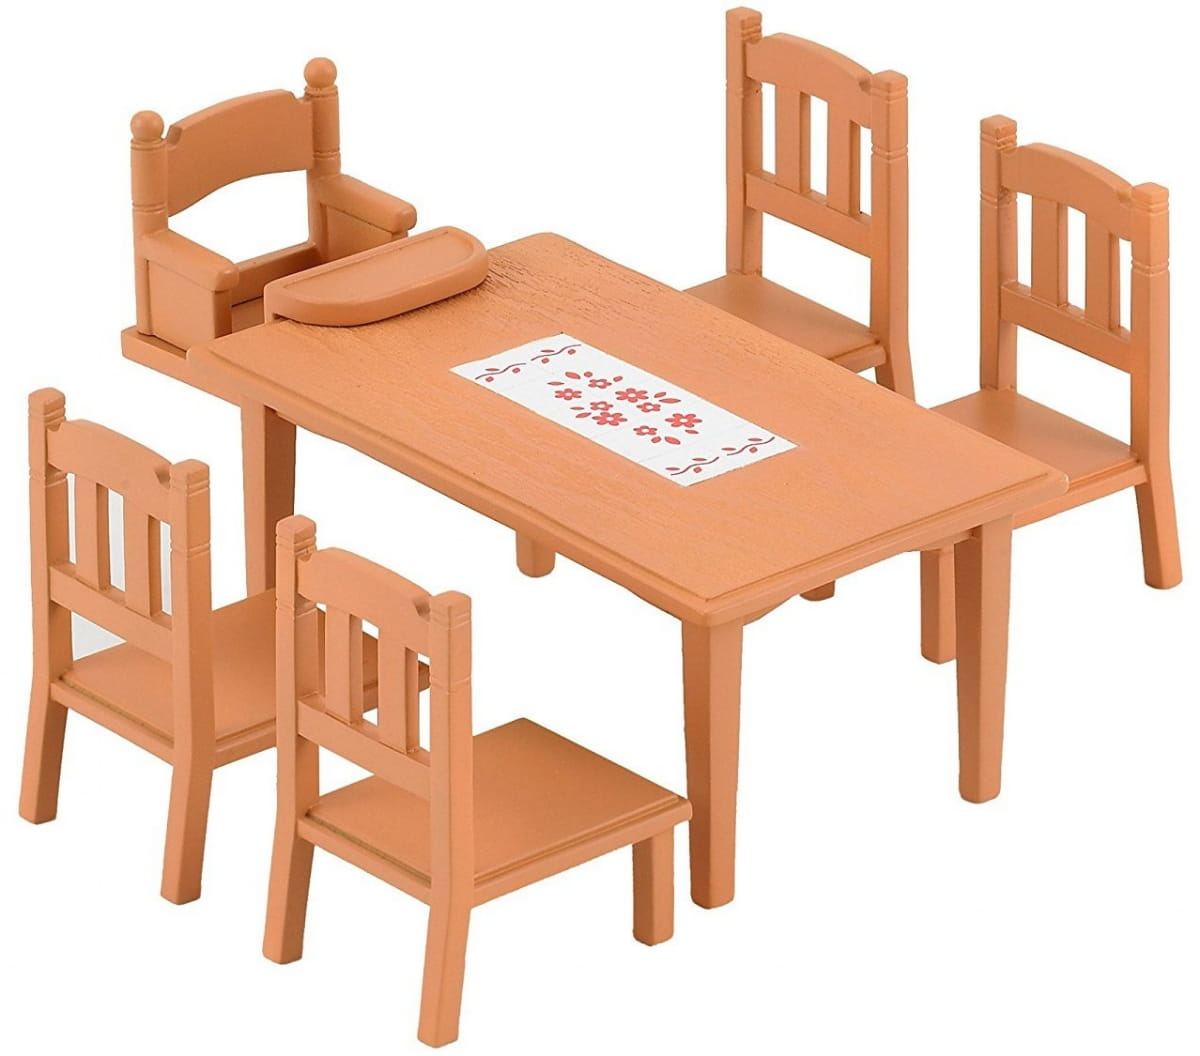 Игровой набор Sylvanian Families 2933 Обеденный стол и стулья